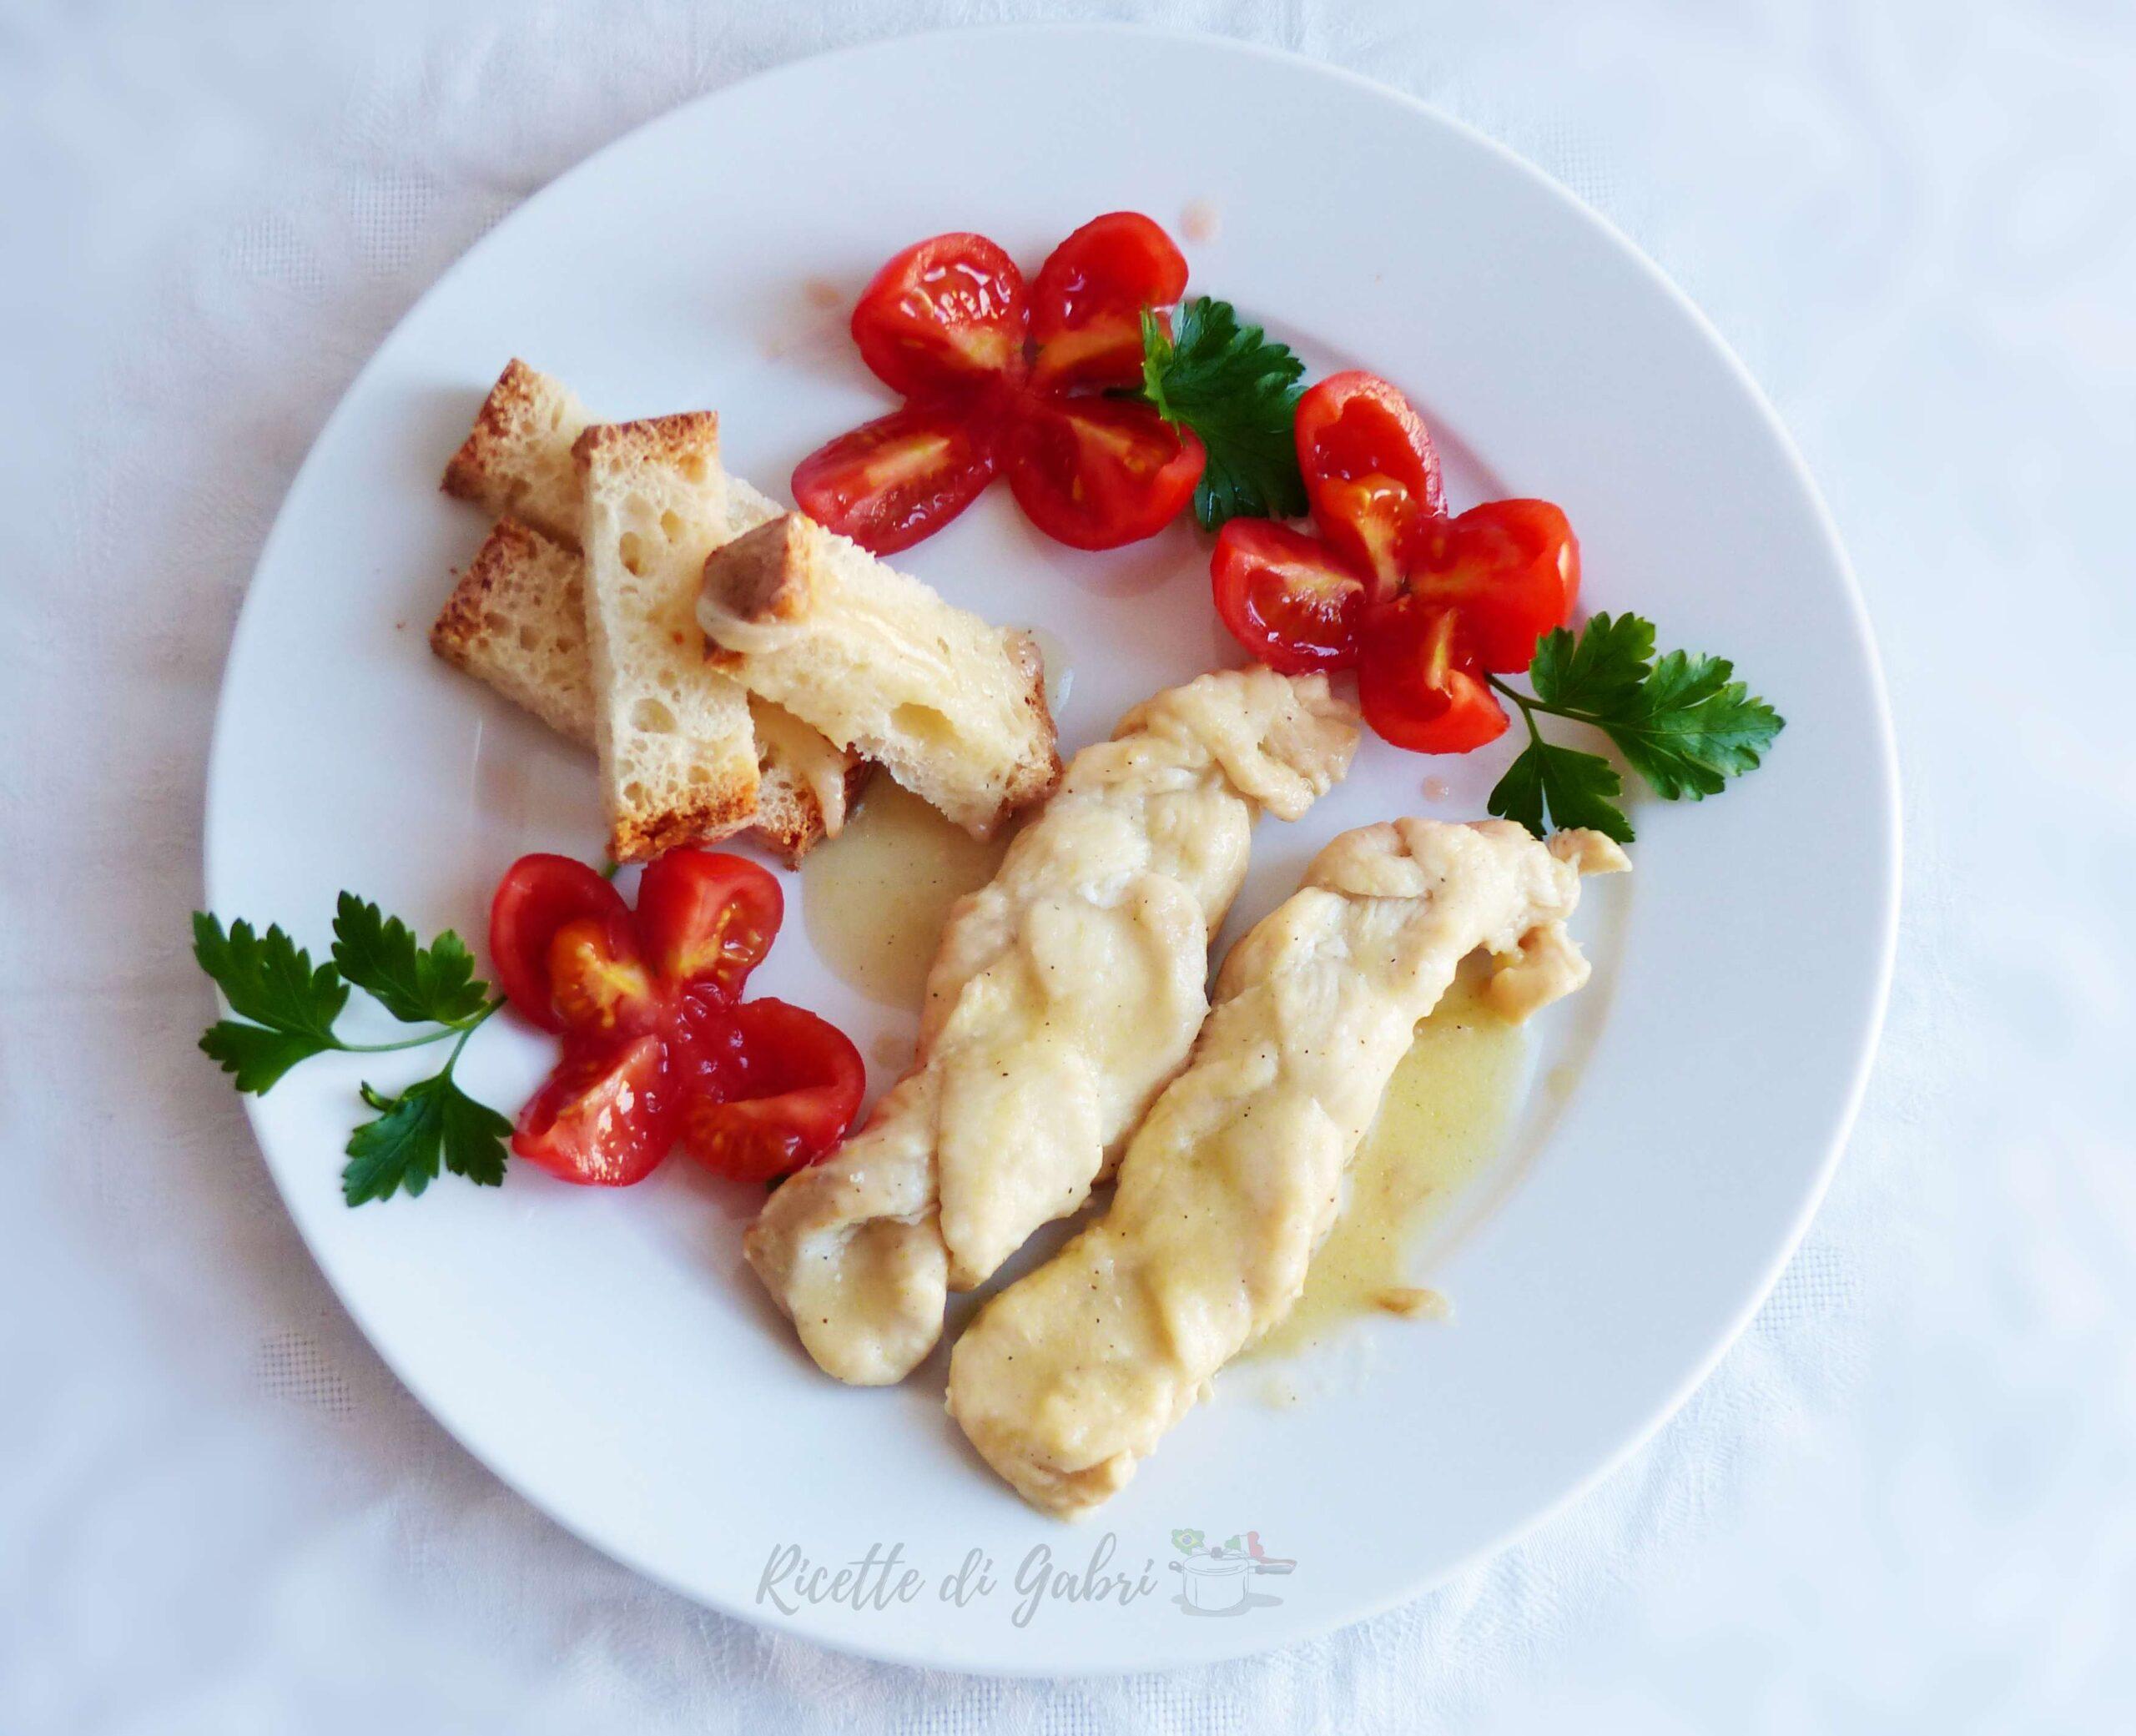 treccia di petto di pollo al limone ricetta facile veloce gabri